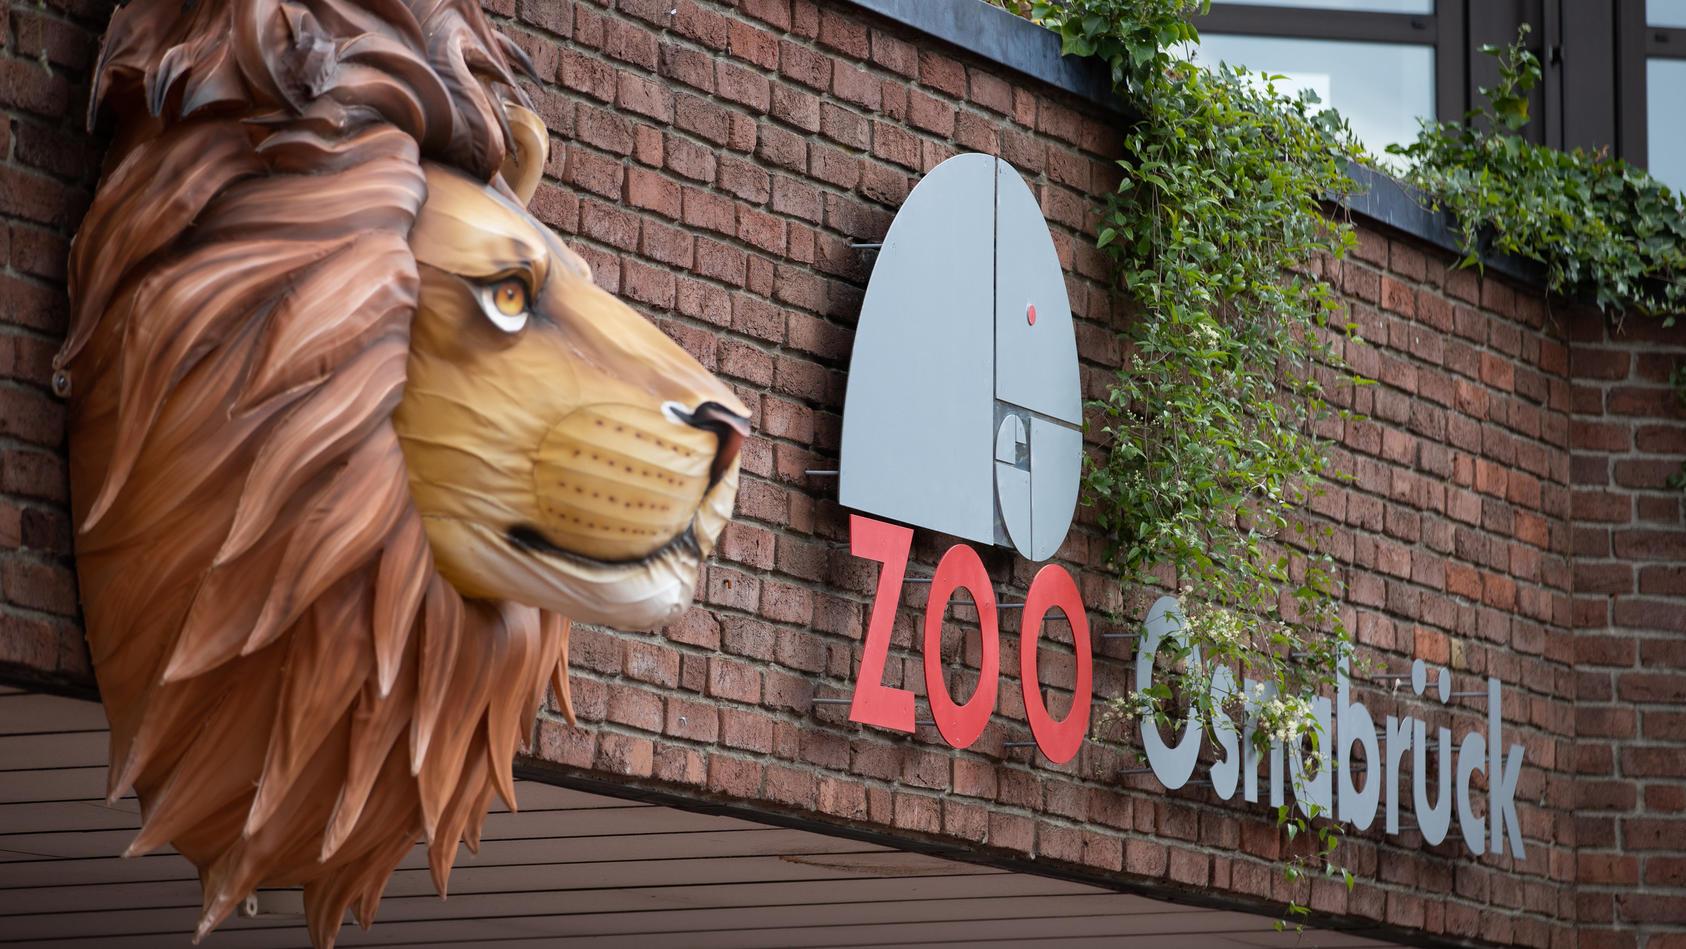 Bei einem Löwenangriff im Zoo Osnabrück wurde eine Tierpflegerin verletzt.